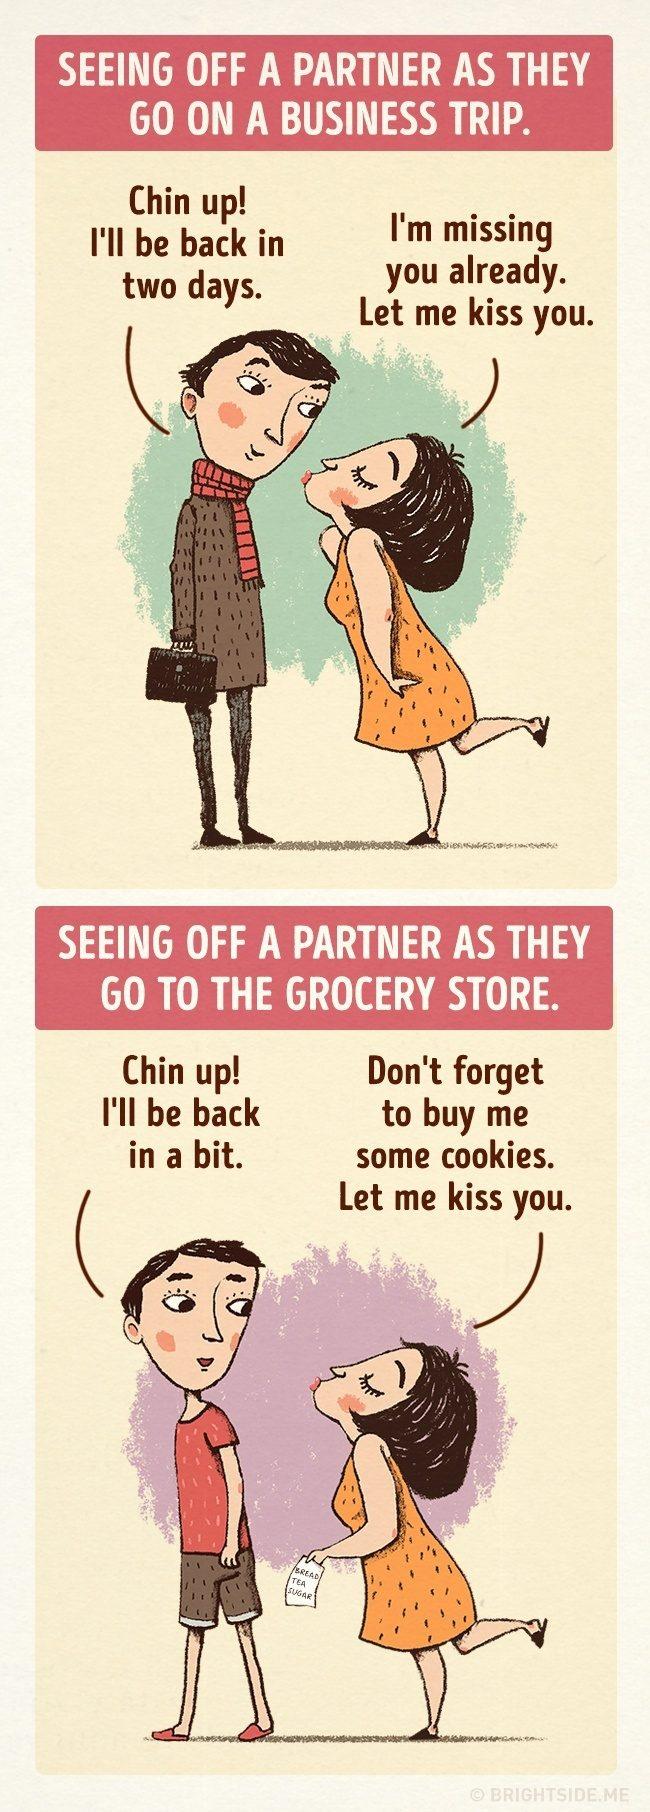 一輩子的感情是日常中的細膩經營,9張插圖道出恩愛夫妻才懂的相處之道 9